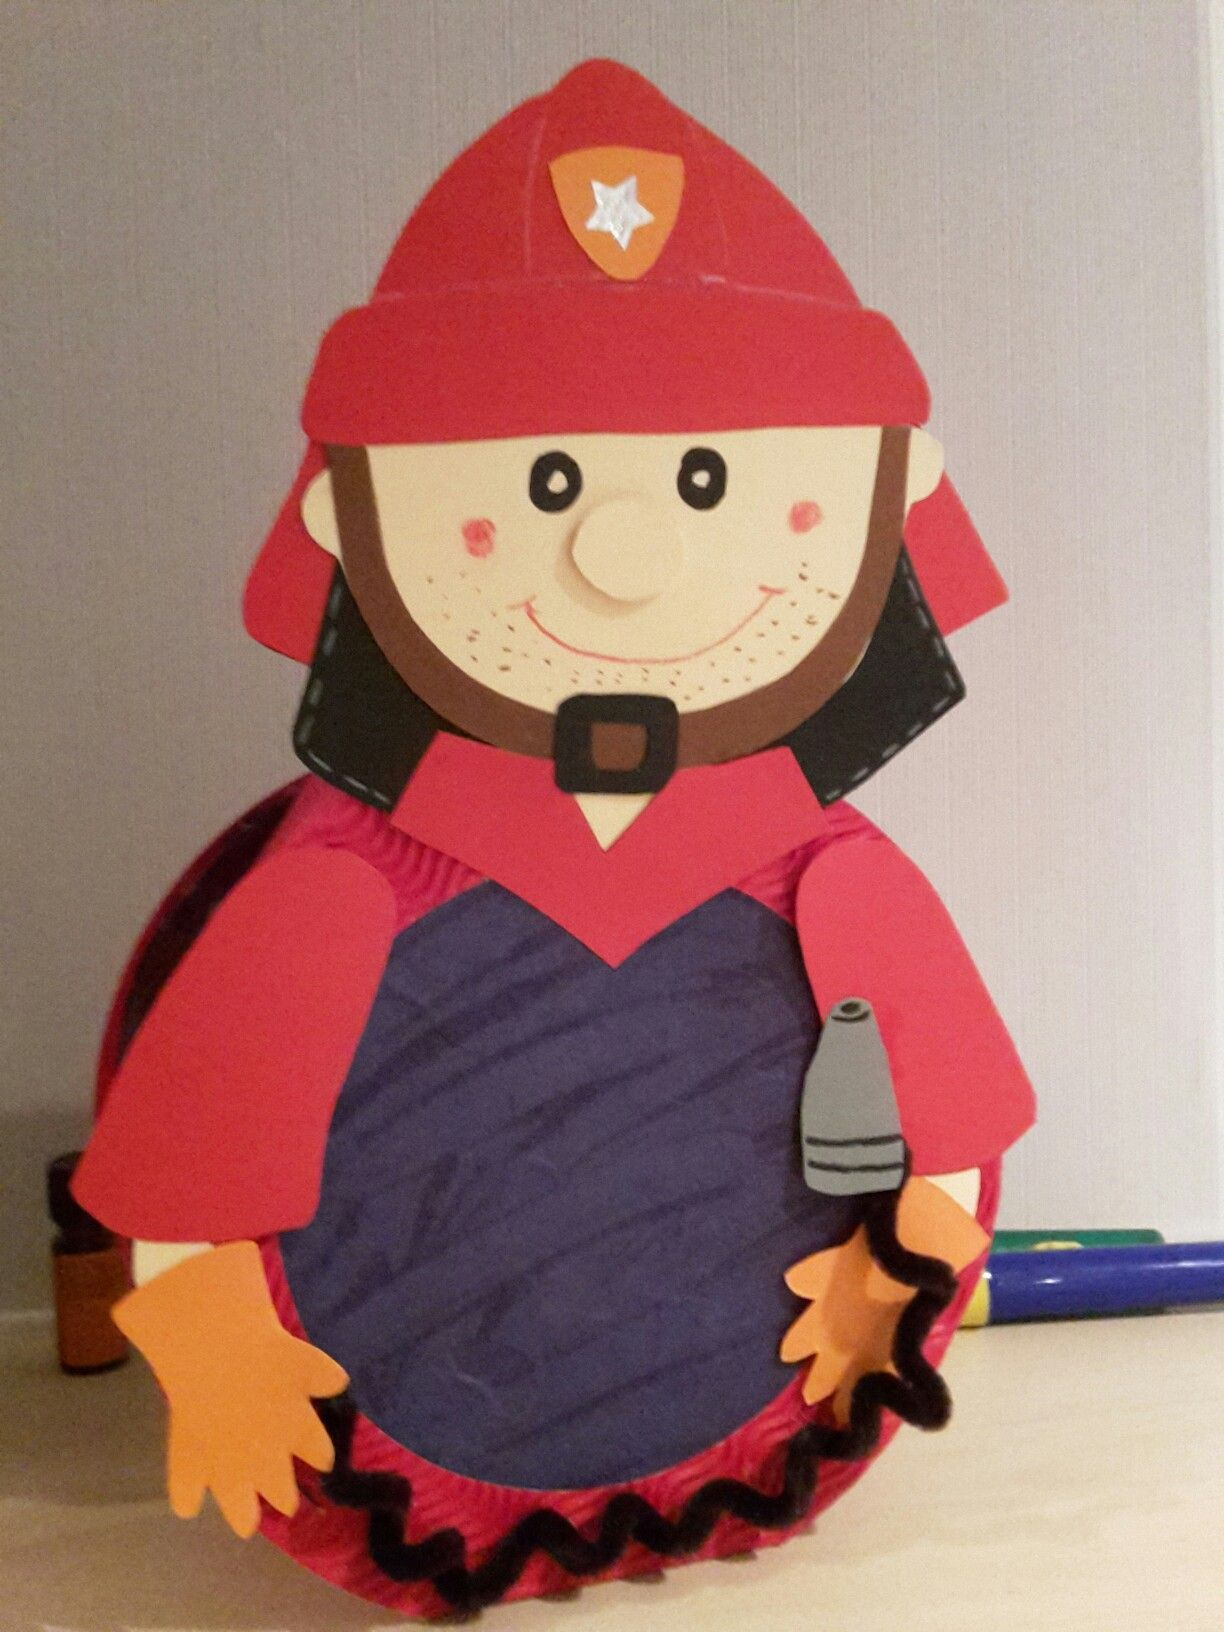 Laterne Feuerwehrmann #laternekleinkind Laterne Feuerwehrmann